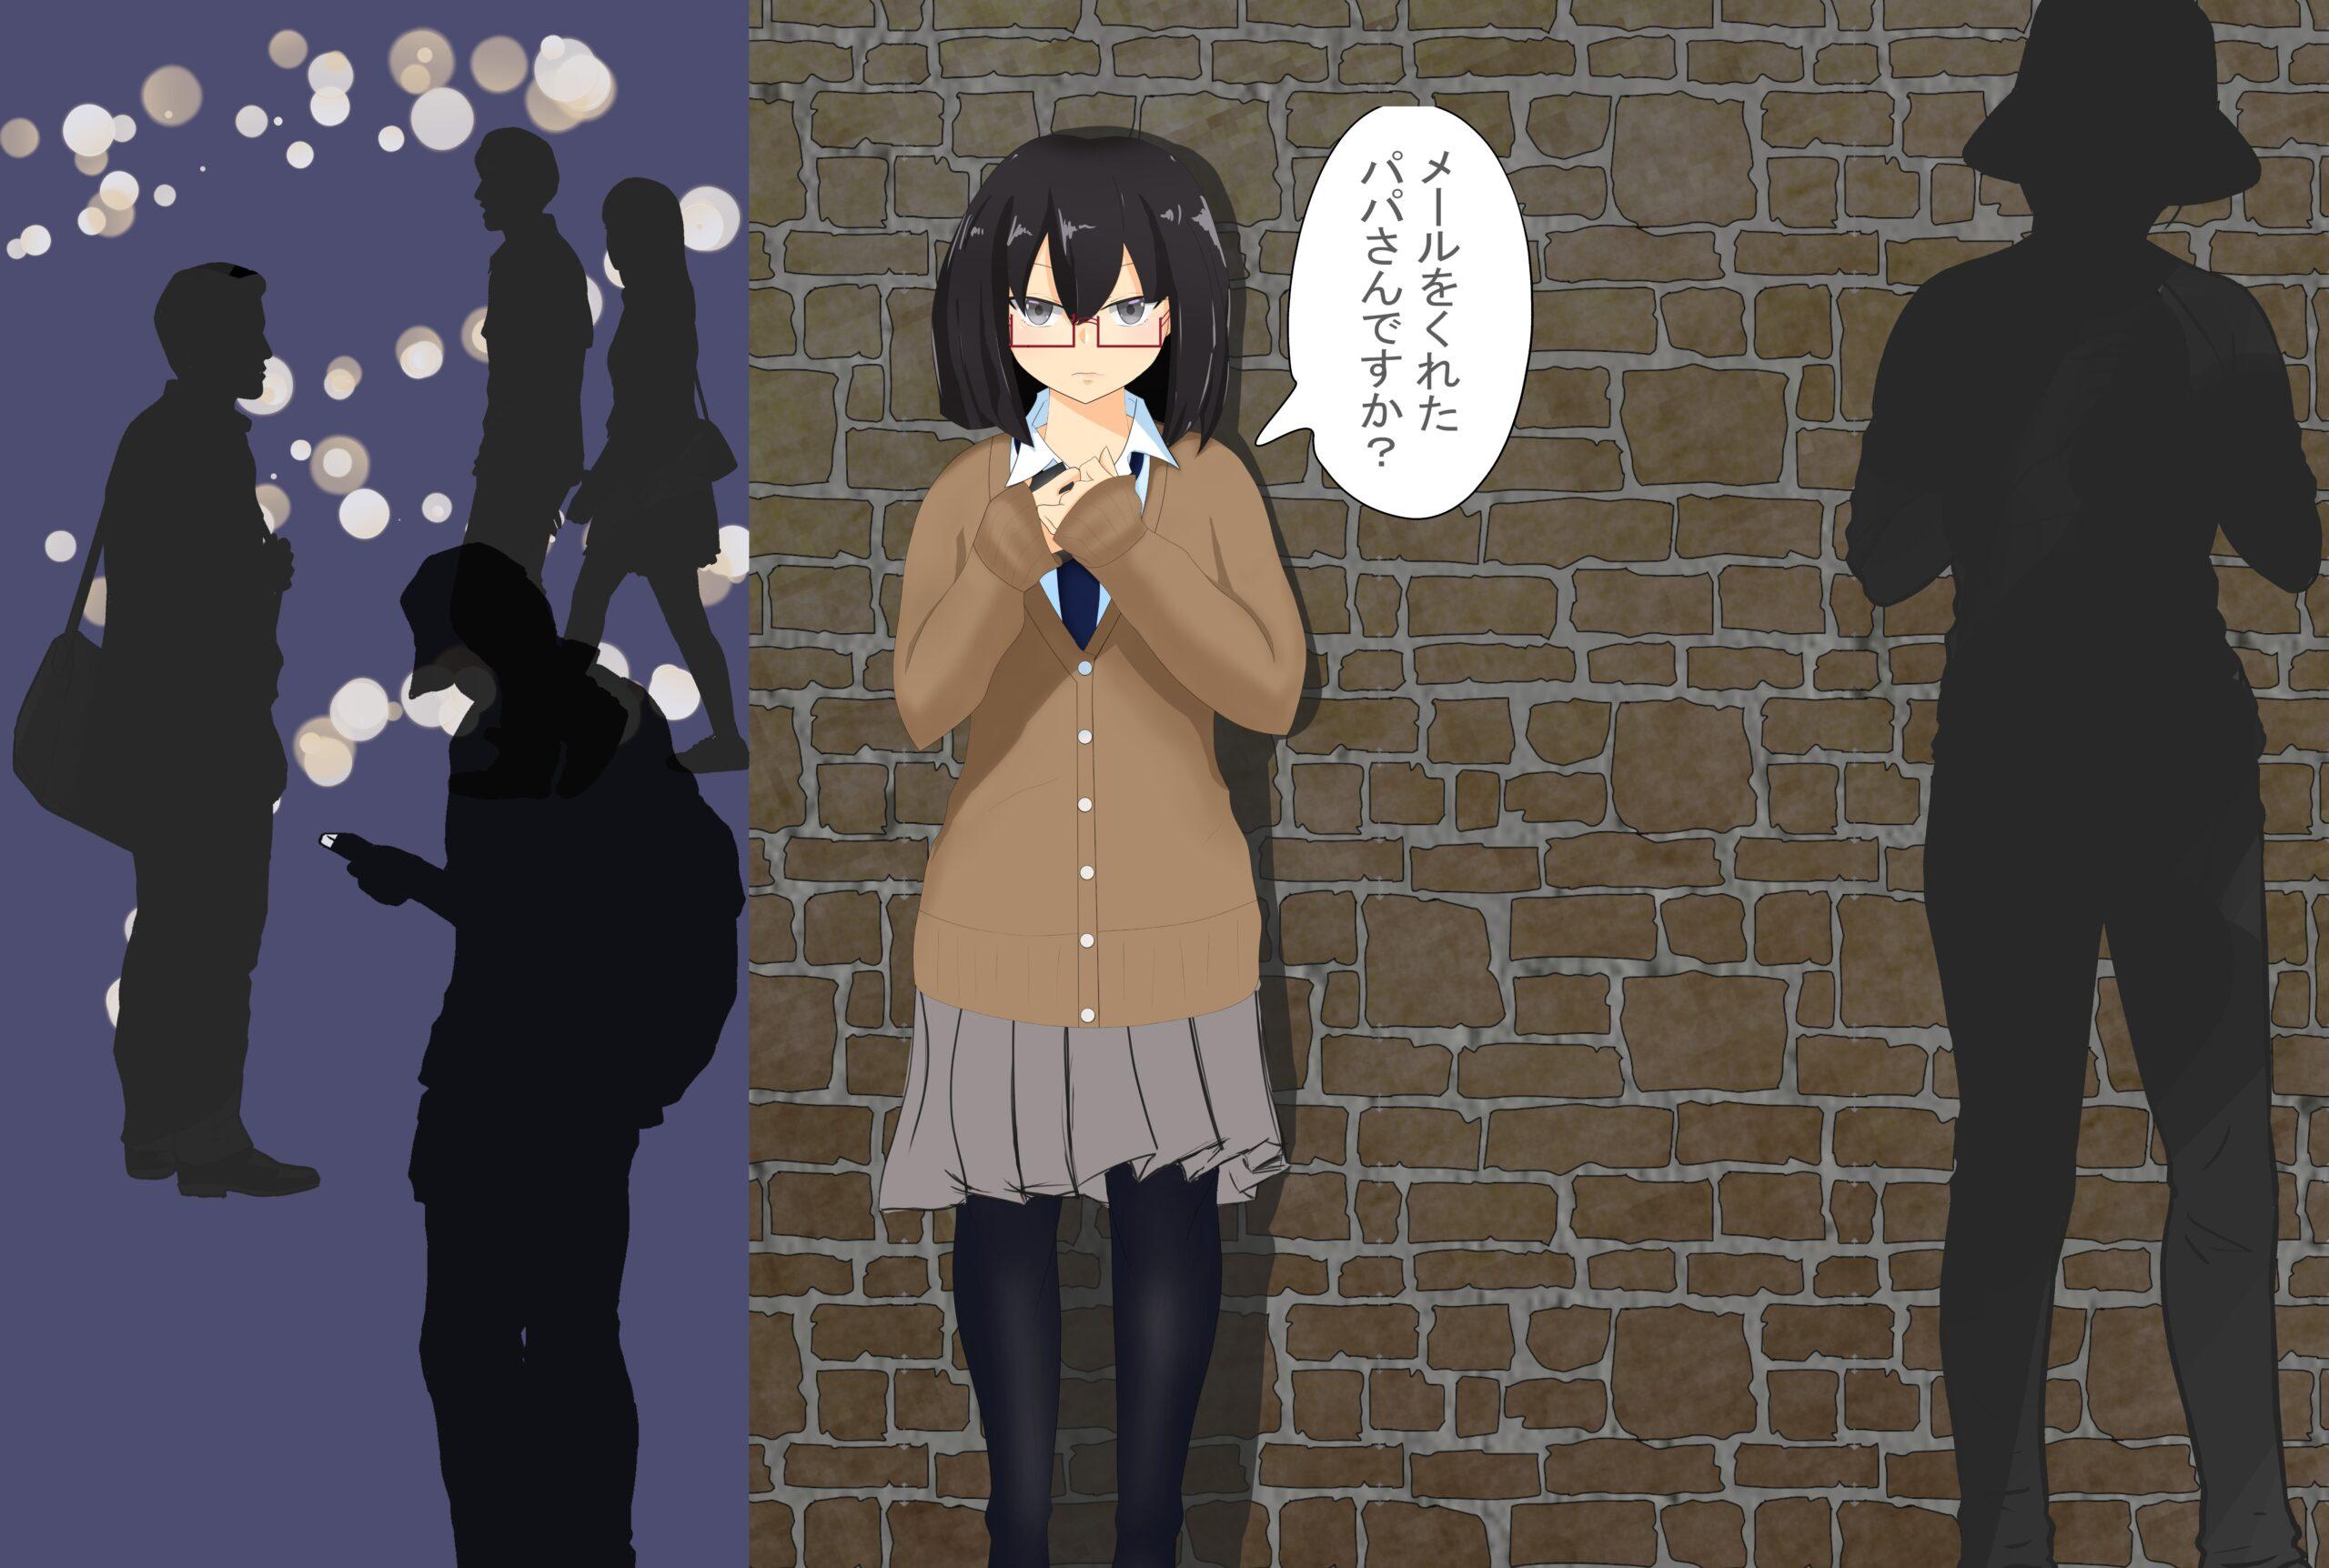 新規作品「出会い系サイトで会う女の子は悪い子ですか?」の進歩状況1